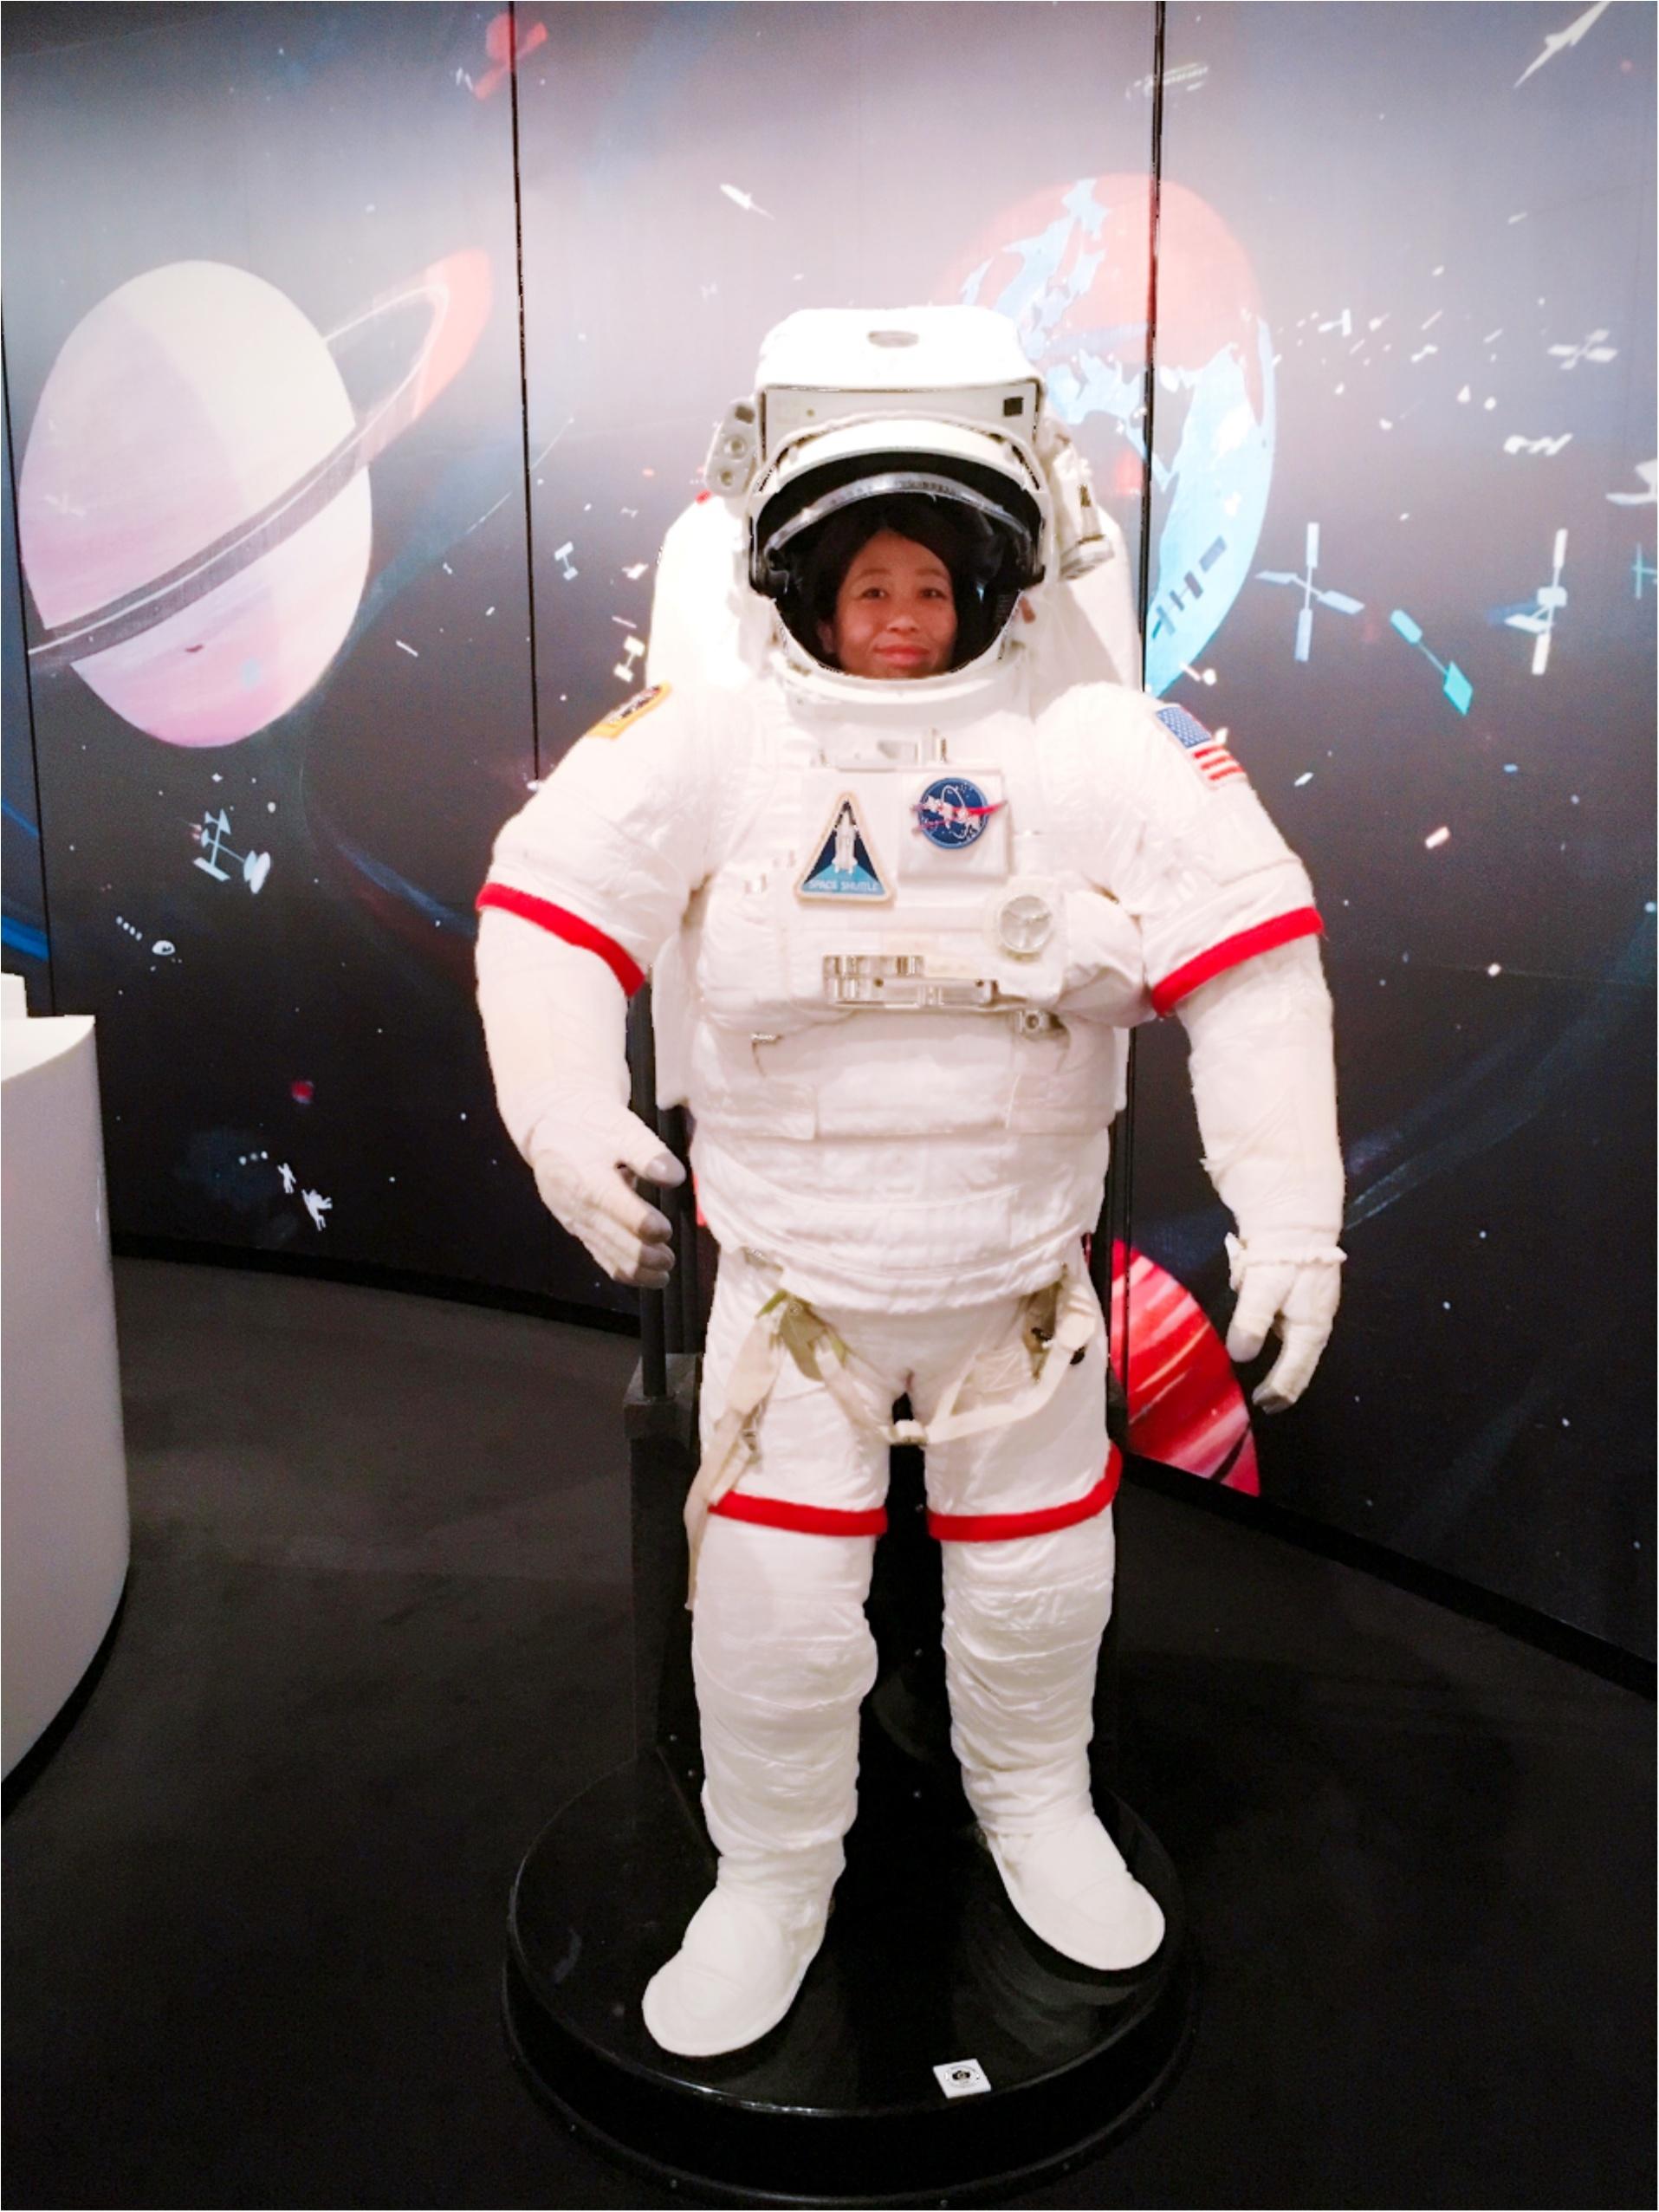 絶対行くべき!六本木からの宇宙旅行は3連休がラスト!!byじゅな_7